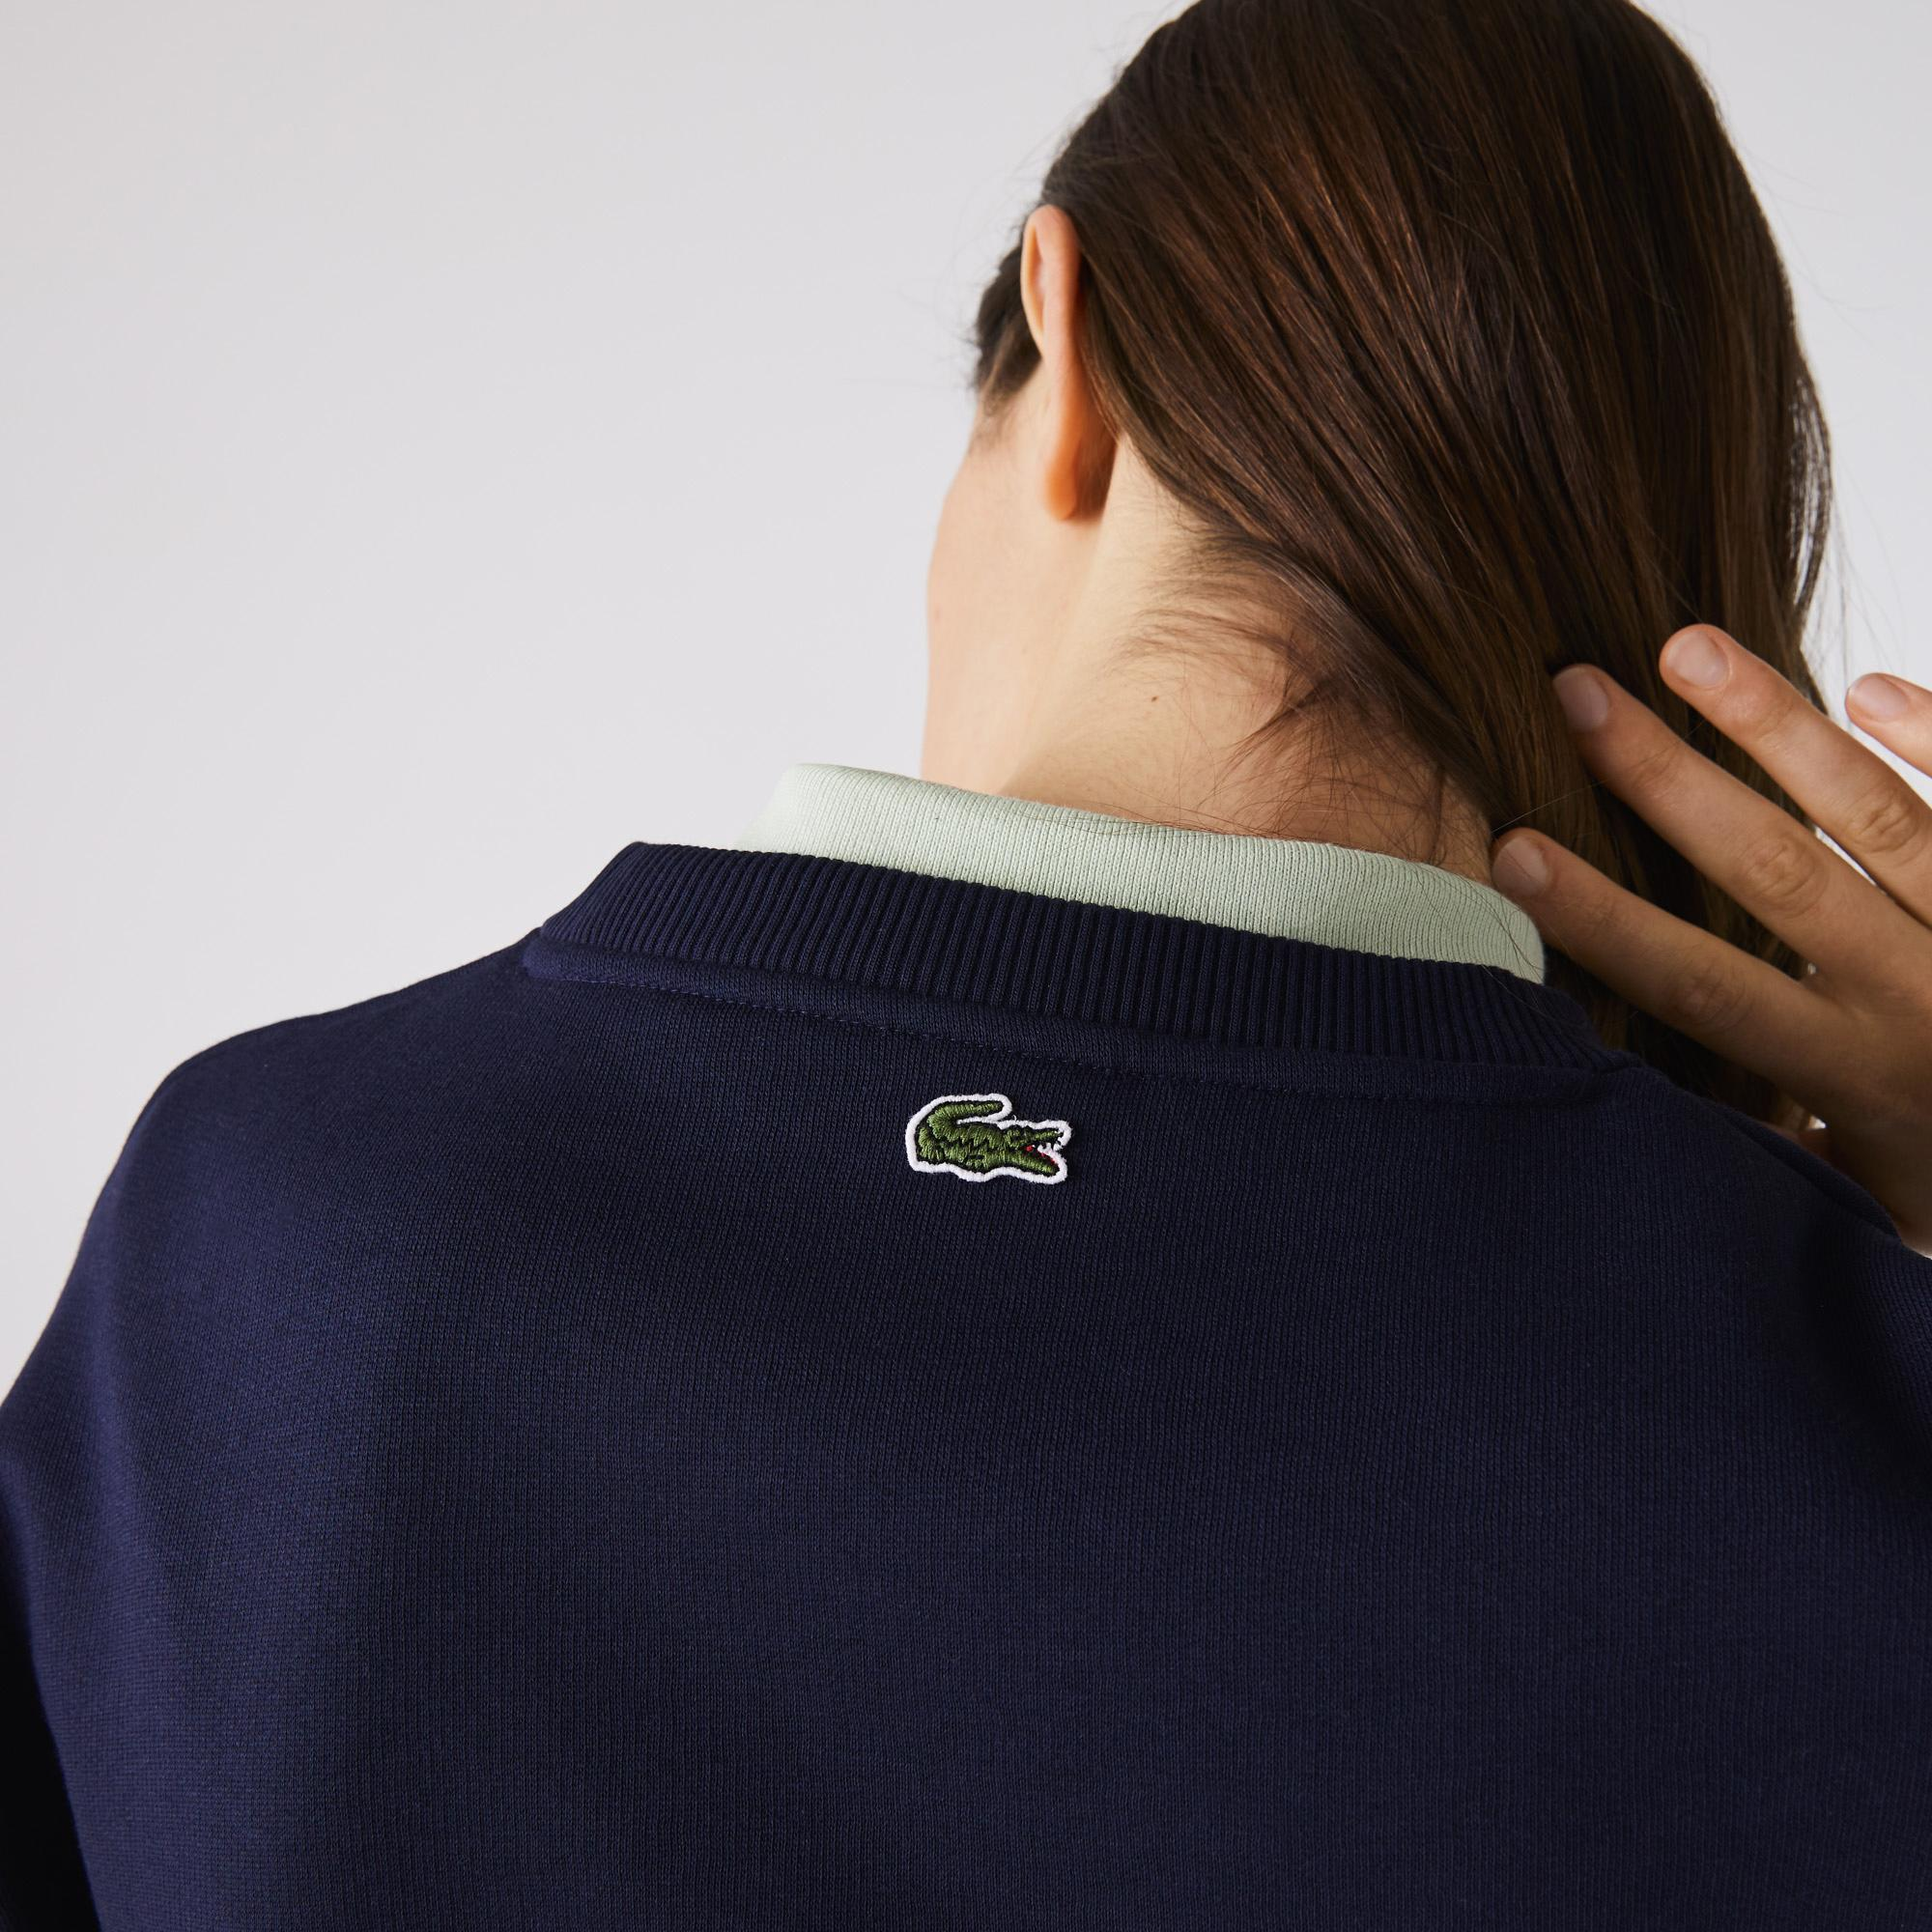 Lacoste Damska Haftowana  Polarowa Bluza Z Okrągłym Wycięciem Pod Szyją